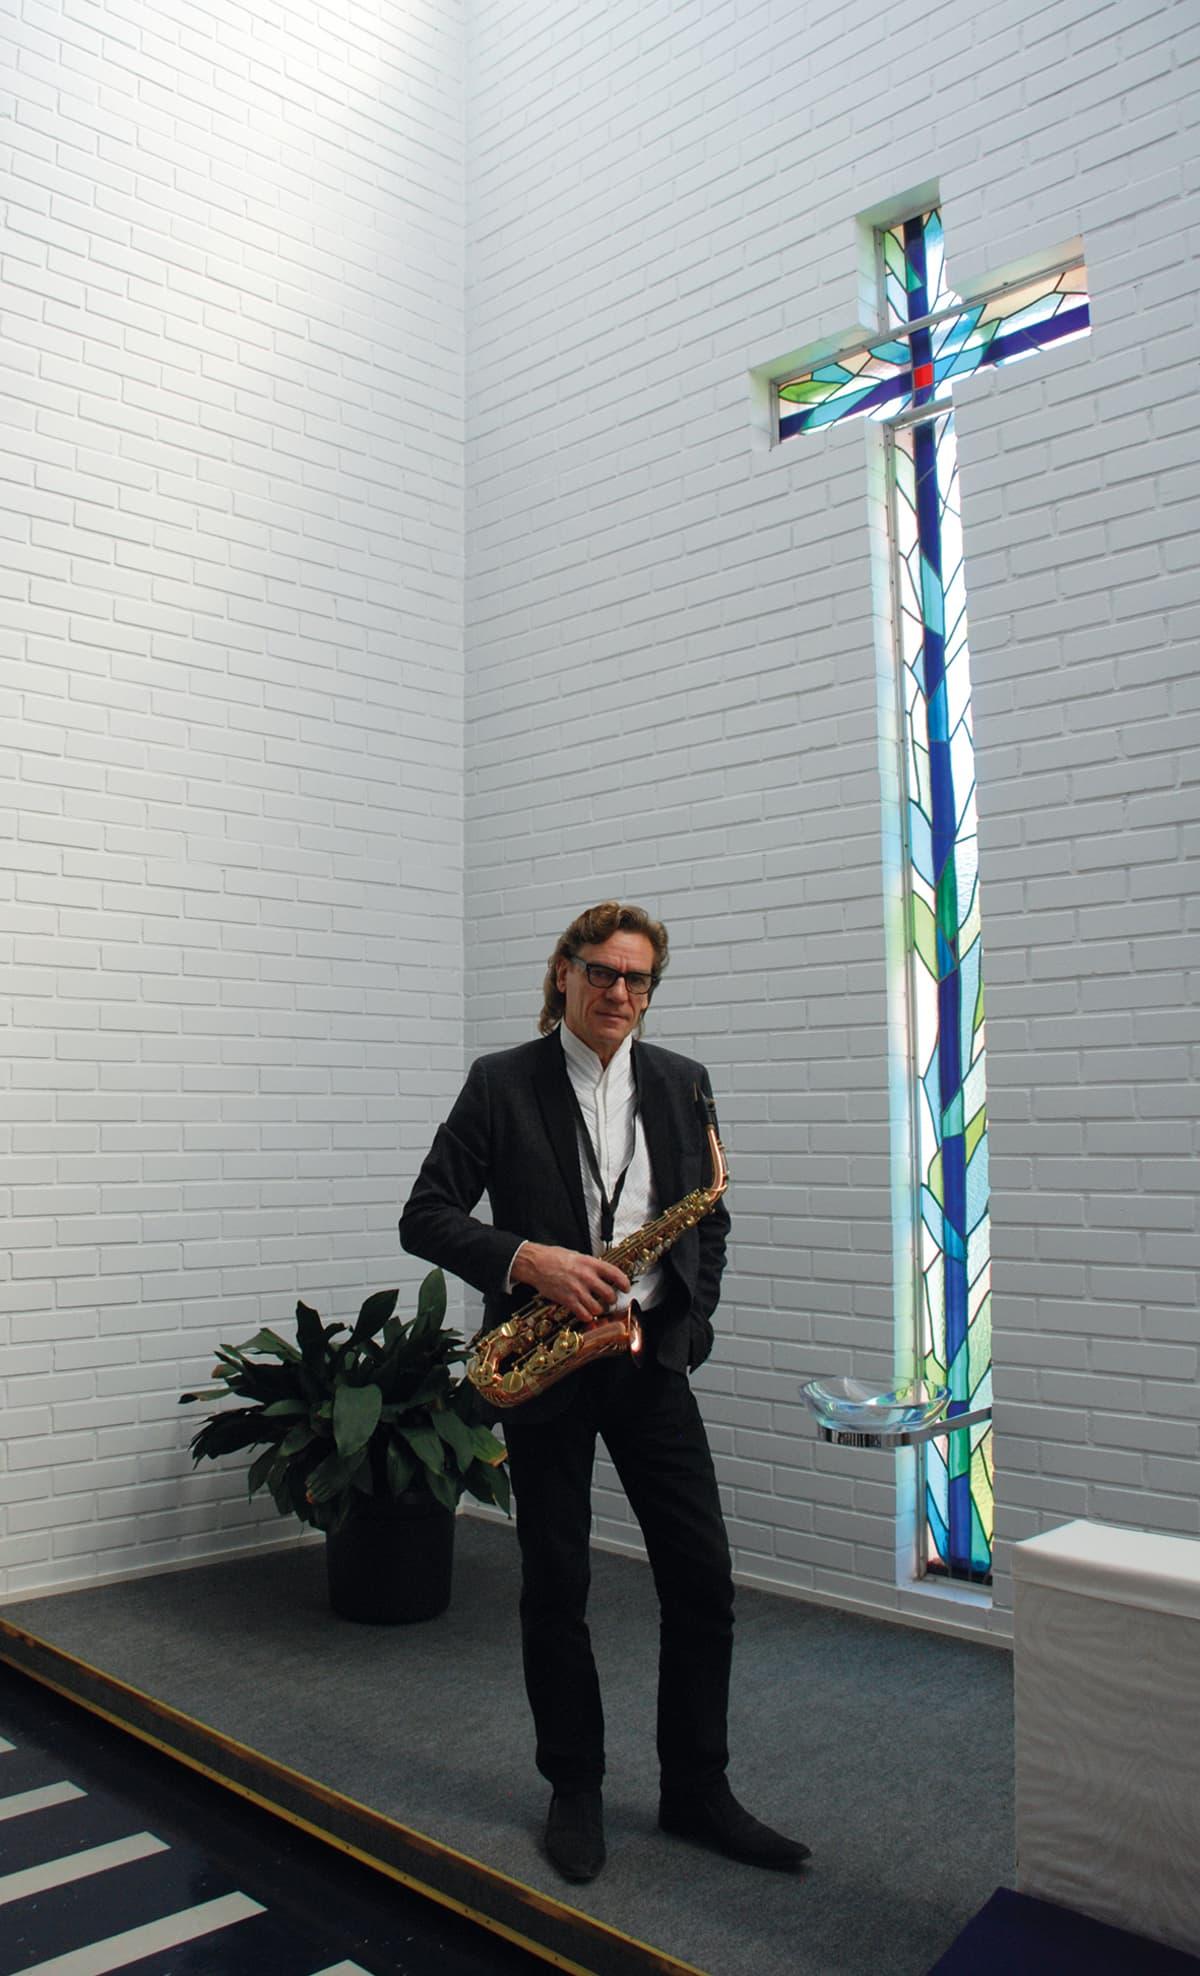 Tuomas Hoikkala seisoo kirkon alttarilla puhallinsoittimen kanssa.